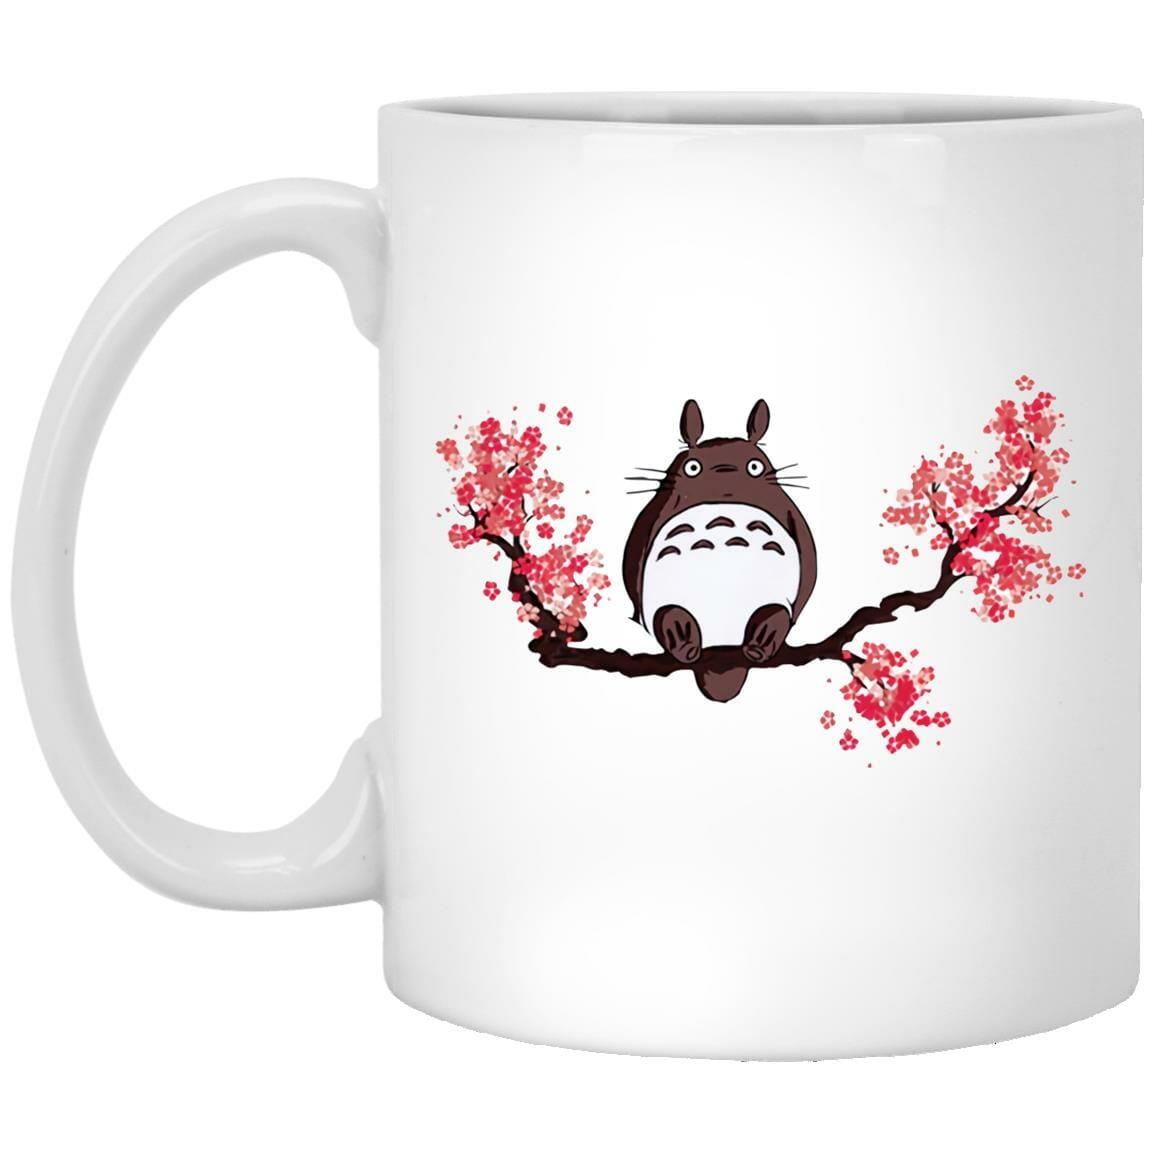 Totoro and Sakura Mug